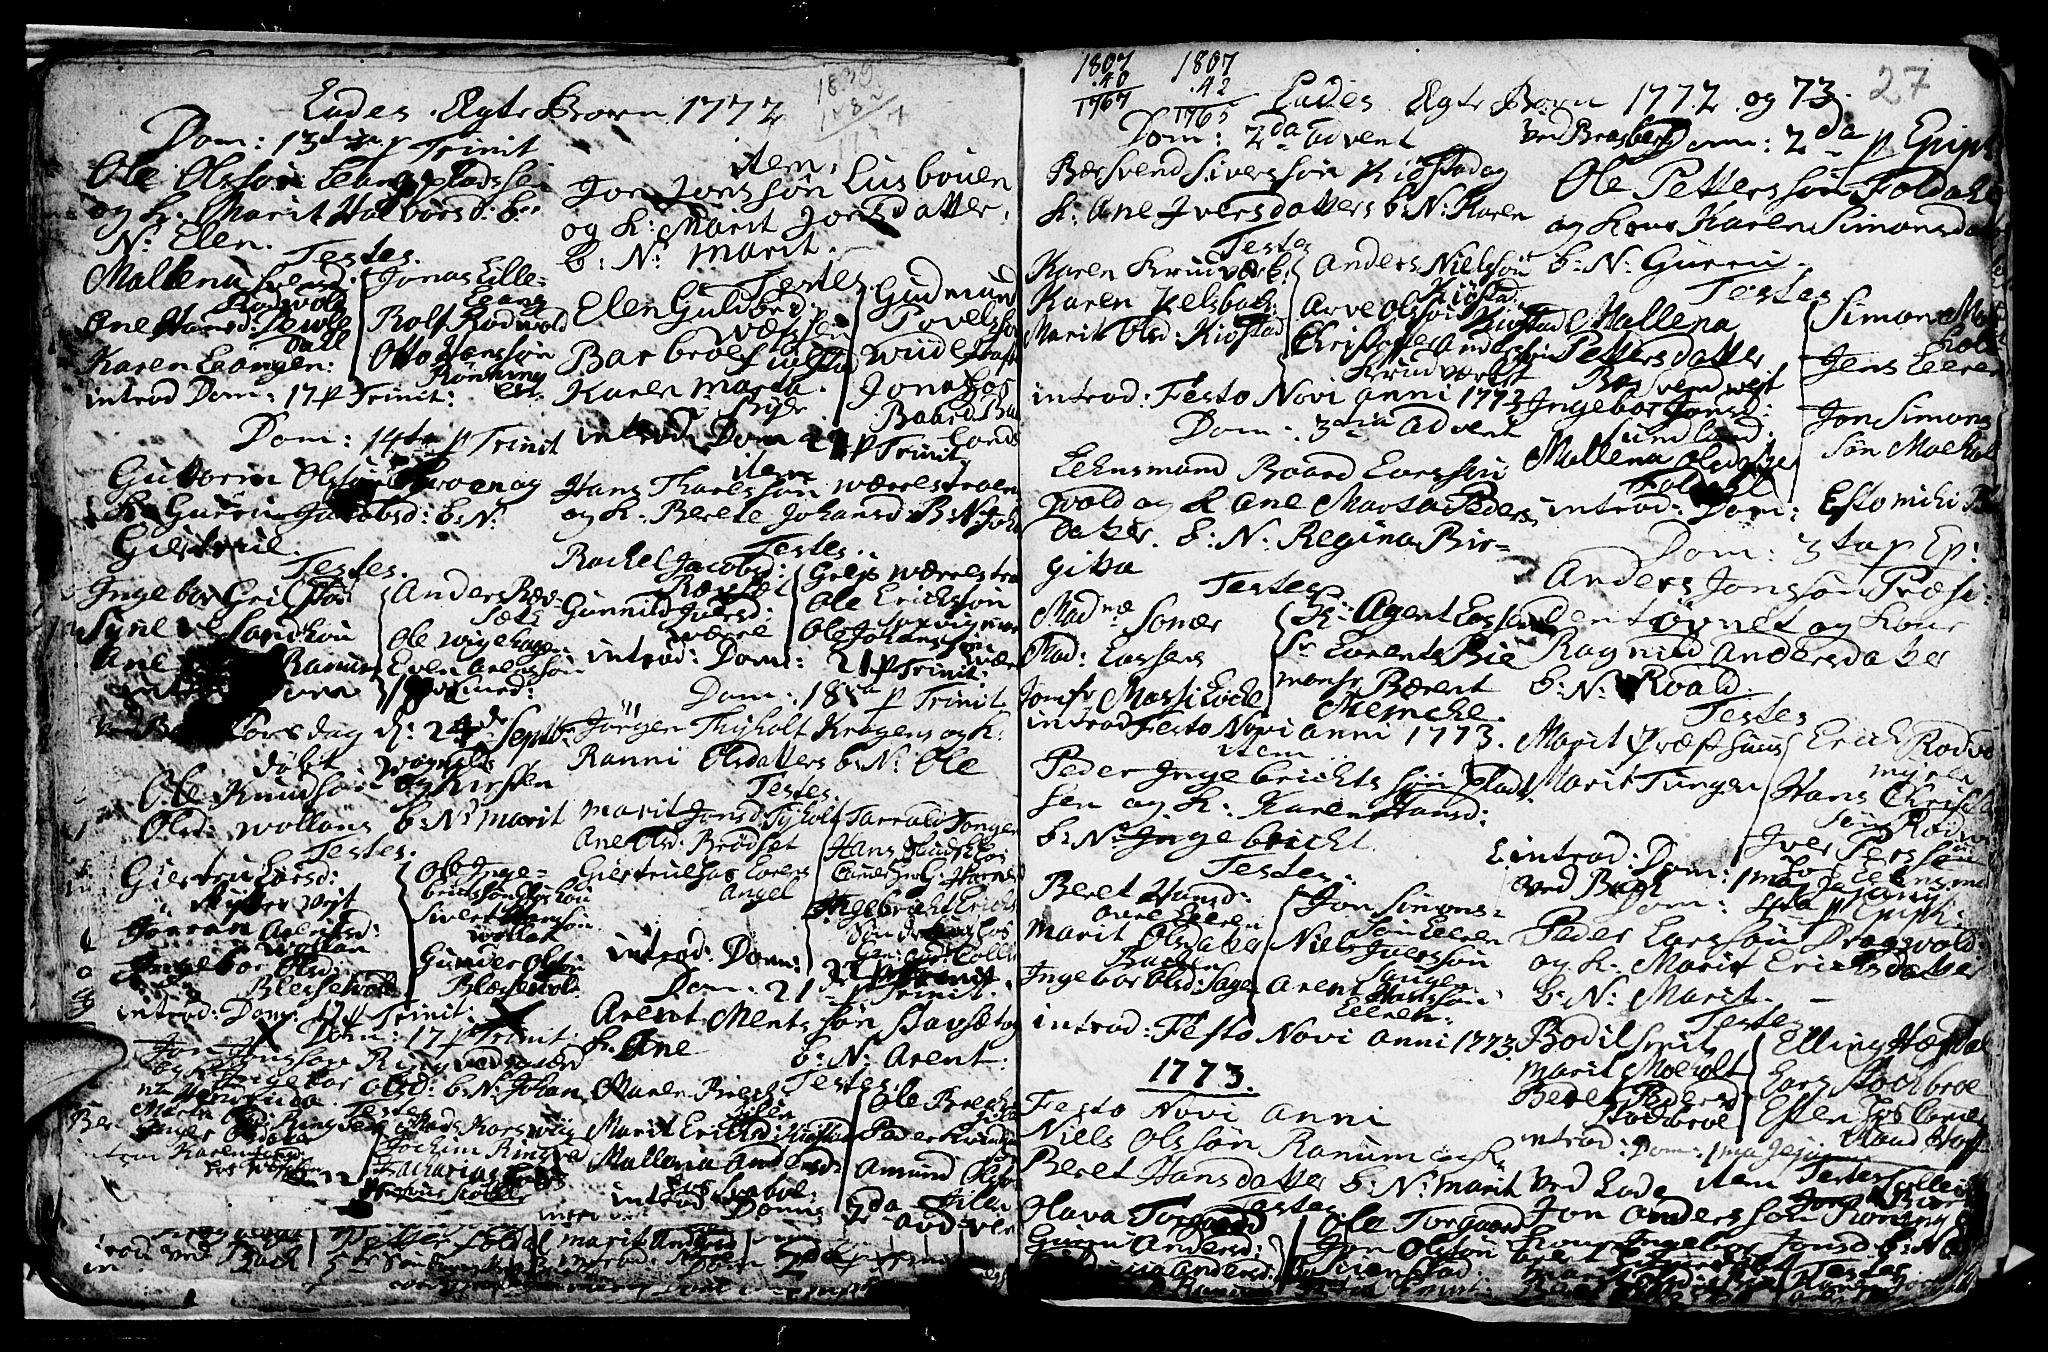 SAT, Ministerialprotokoller, klokkerbøker og fødselsregistre - Sør-Trøndelag, 606/L0305: Klokkerbok nr. 606C01, 1757-1819, s. 27